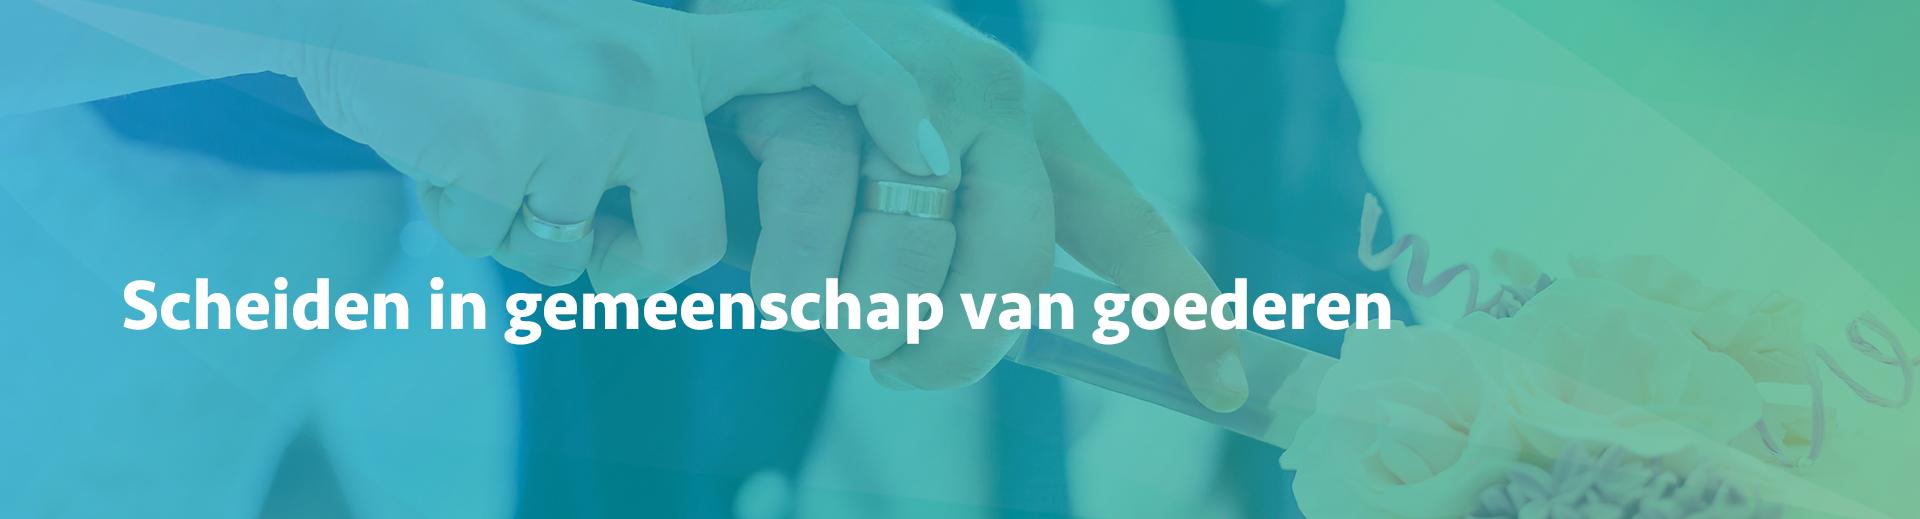 scheiden in gemeenschap van goederen - Scheidingsplanner Almelo - Deventer - Nijverdal